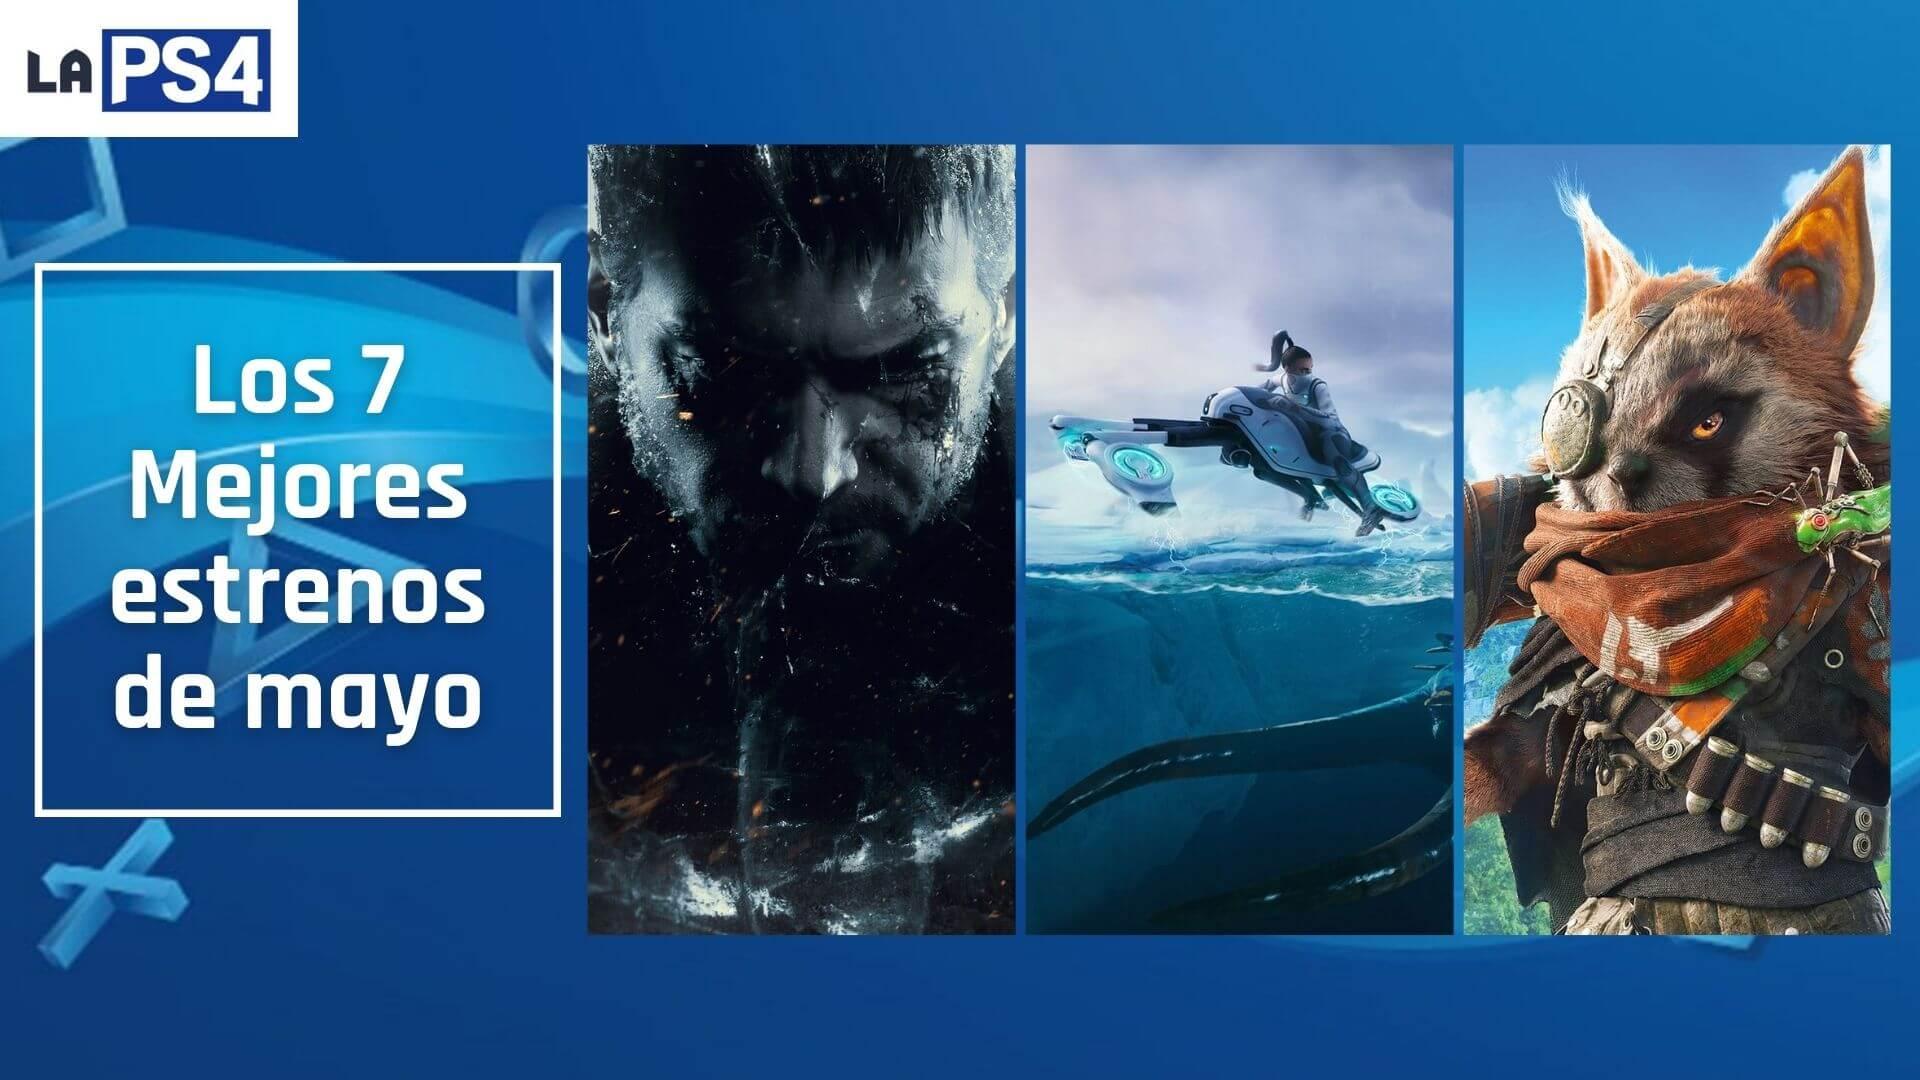 Los mejores 7 lanzamientos de mayo en PlayStation